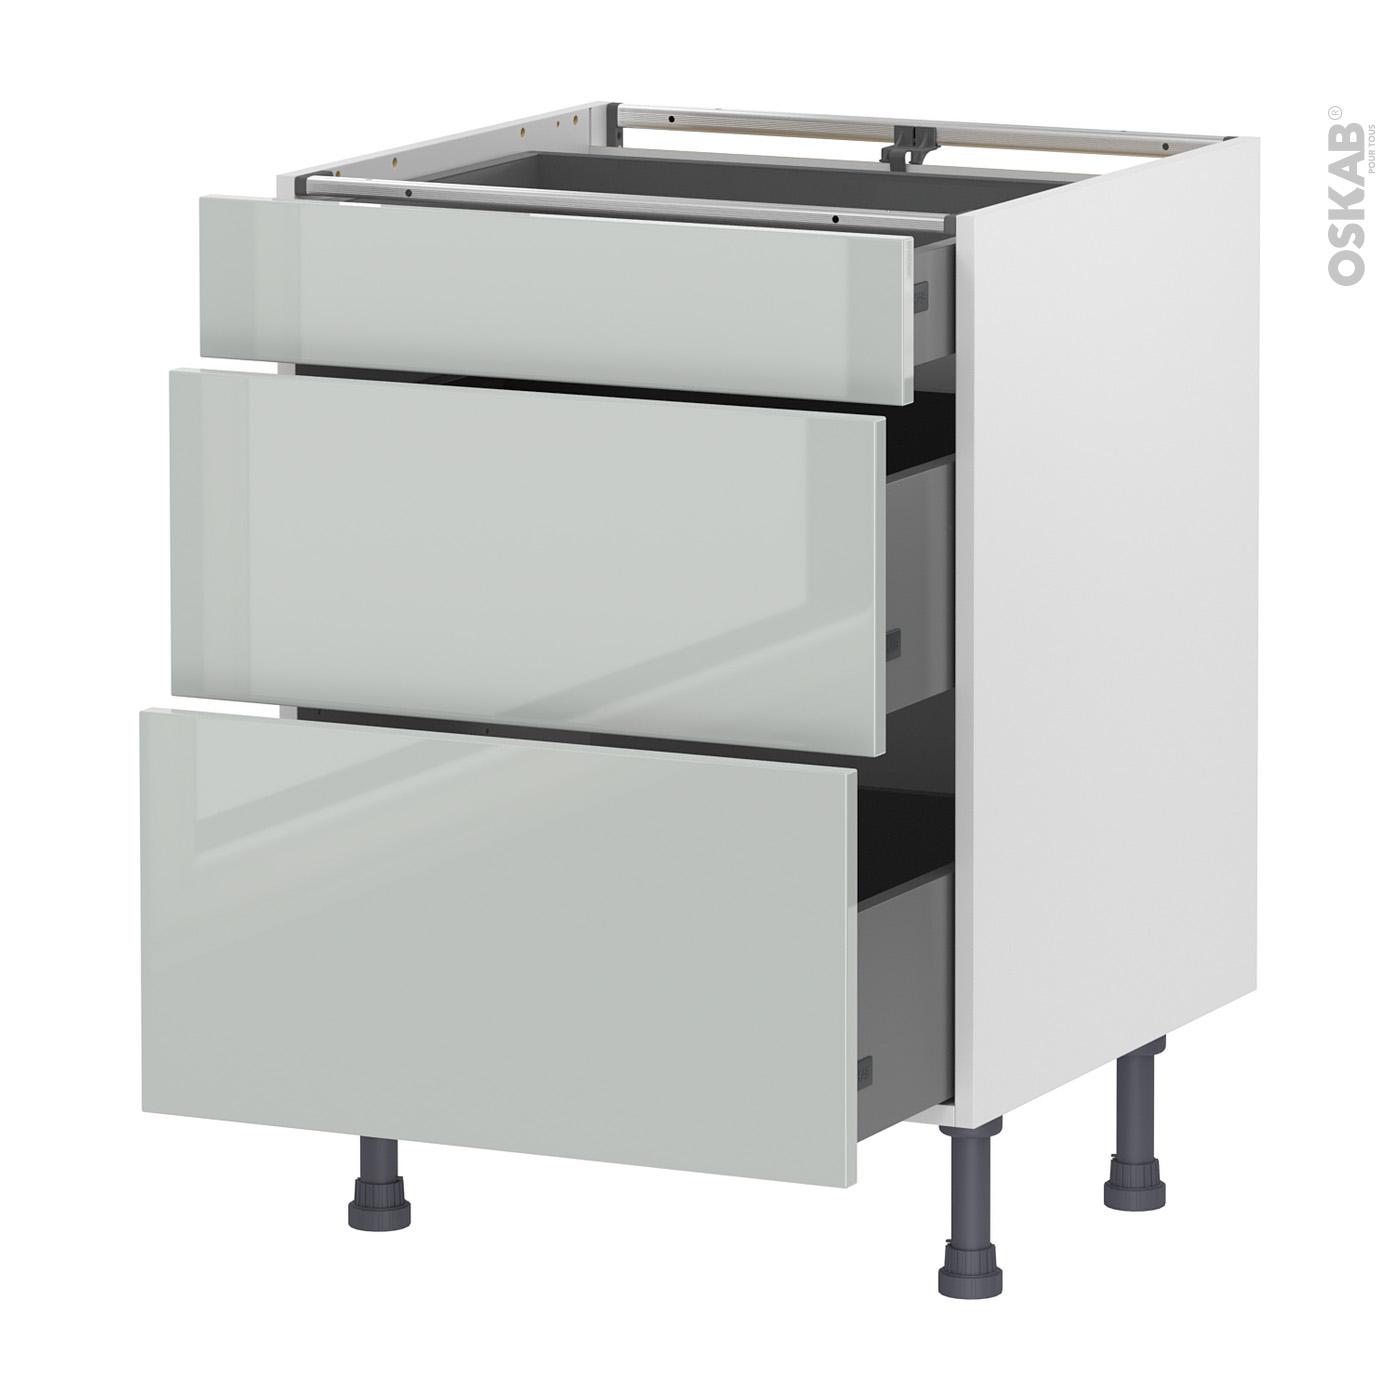 Meuble de cuisine Casserolier IVIA Gris, 11 tiroirs, L11 x H11 x P11 cm